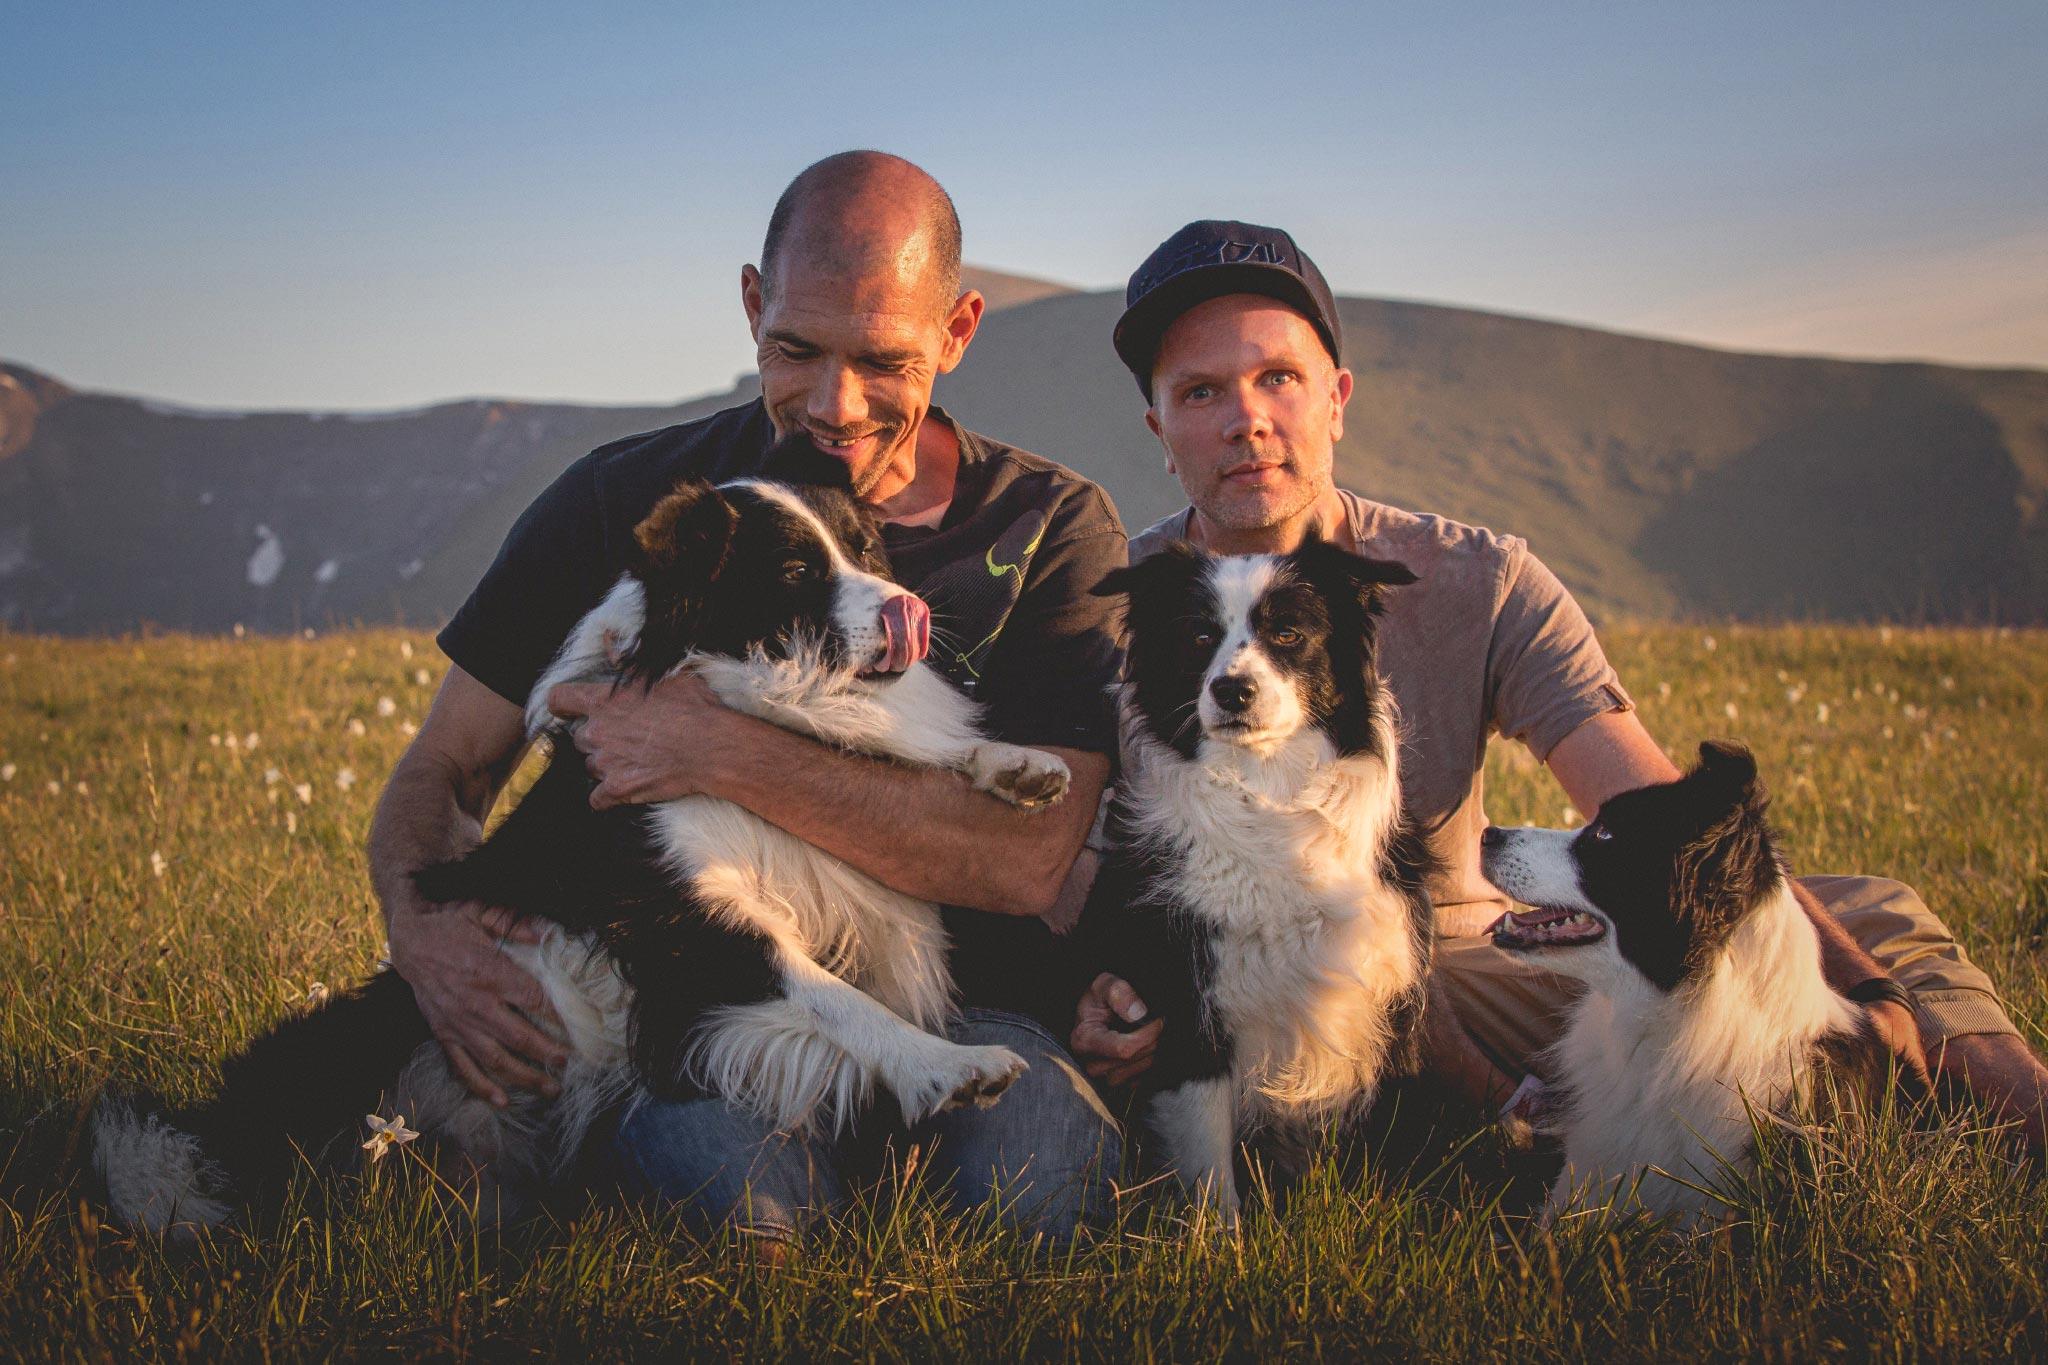 Wir – Johannes und Dirk – im Italienurlaub mit unseren drei Border Collies.